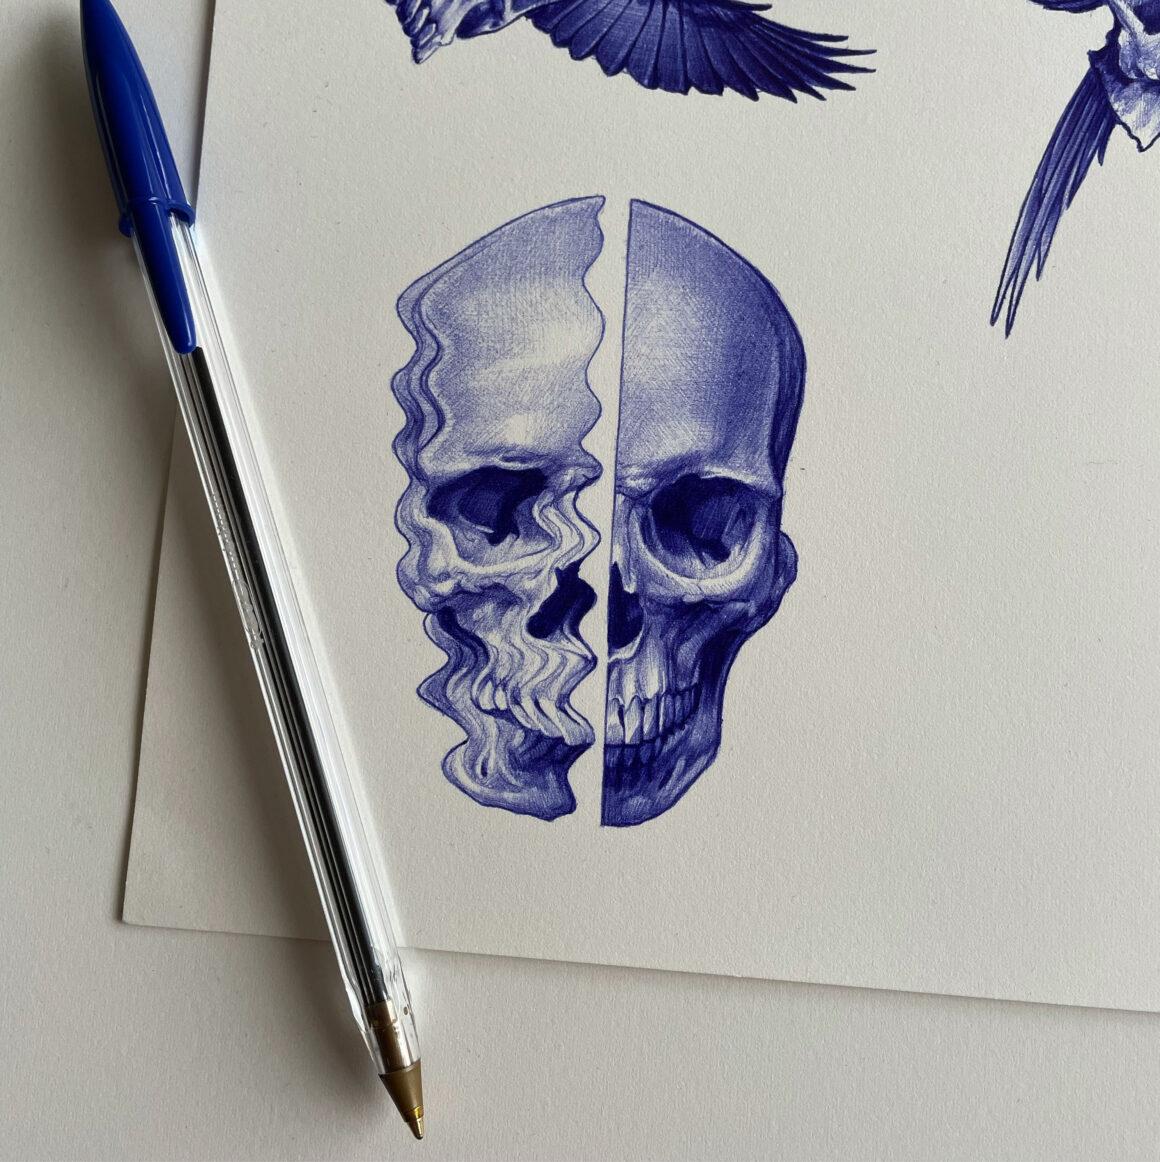 Sketch by Ben Dunning, @bendunningtattoo